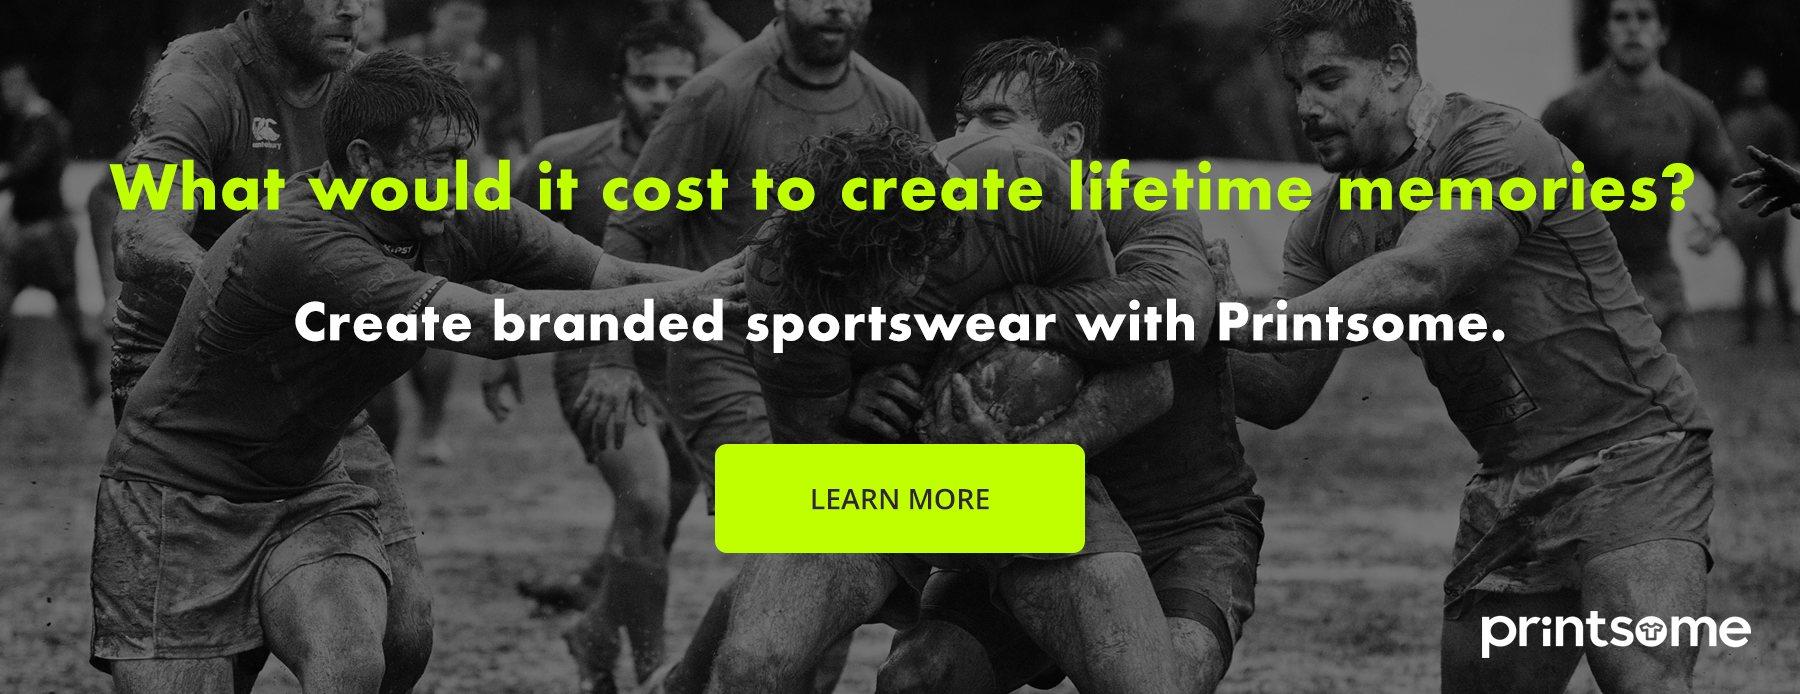 Printsome, Sportswear, banner